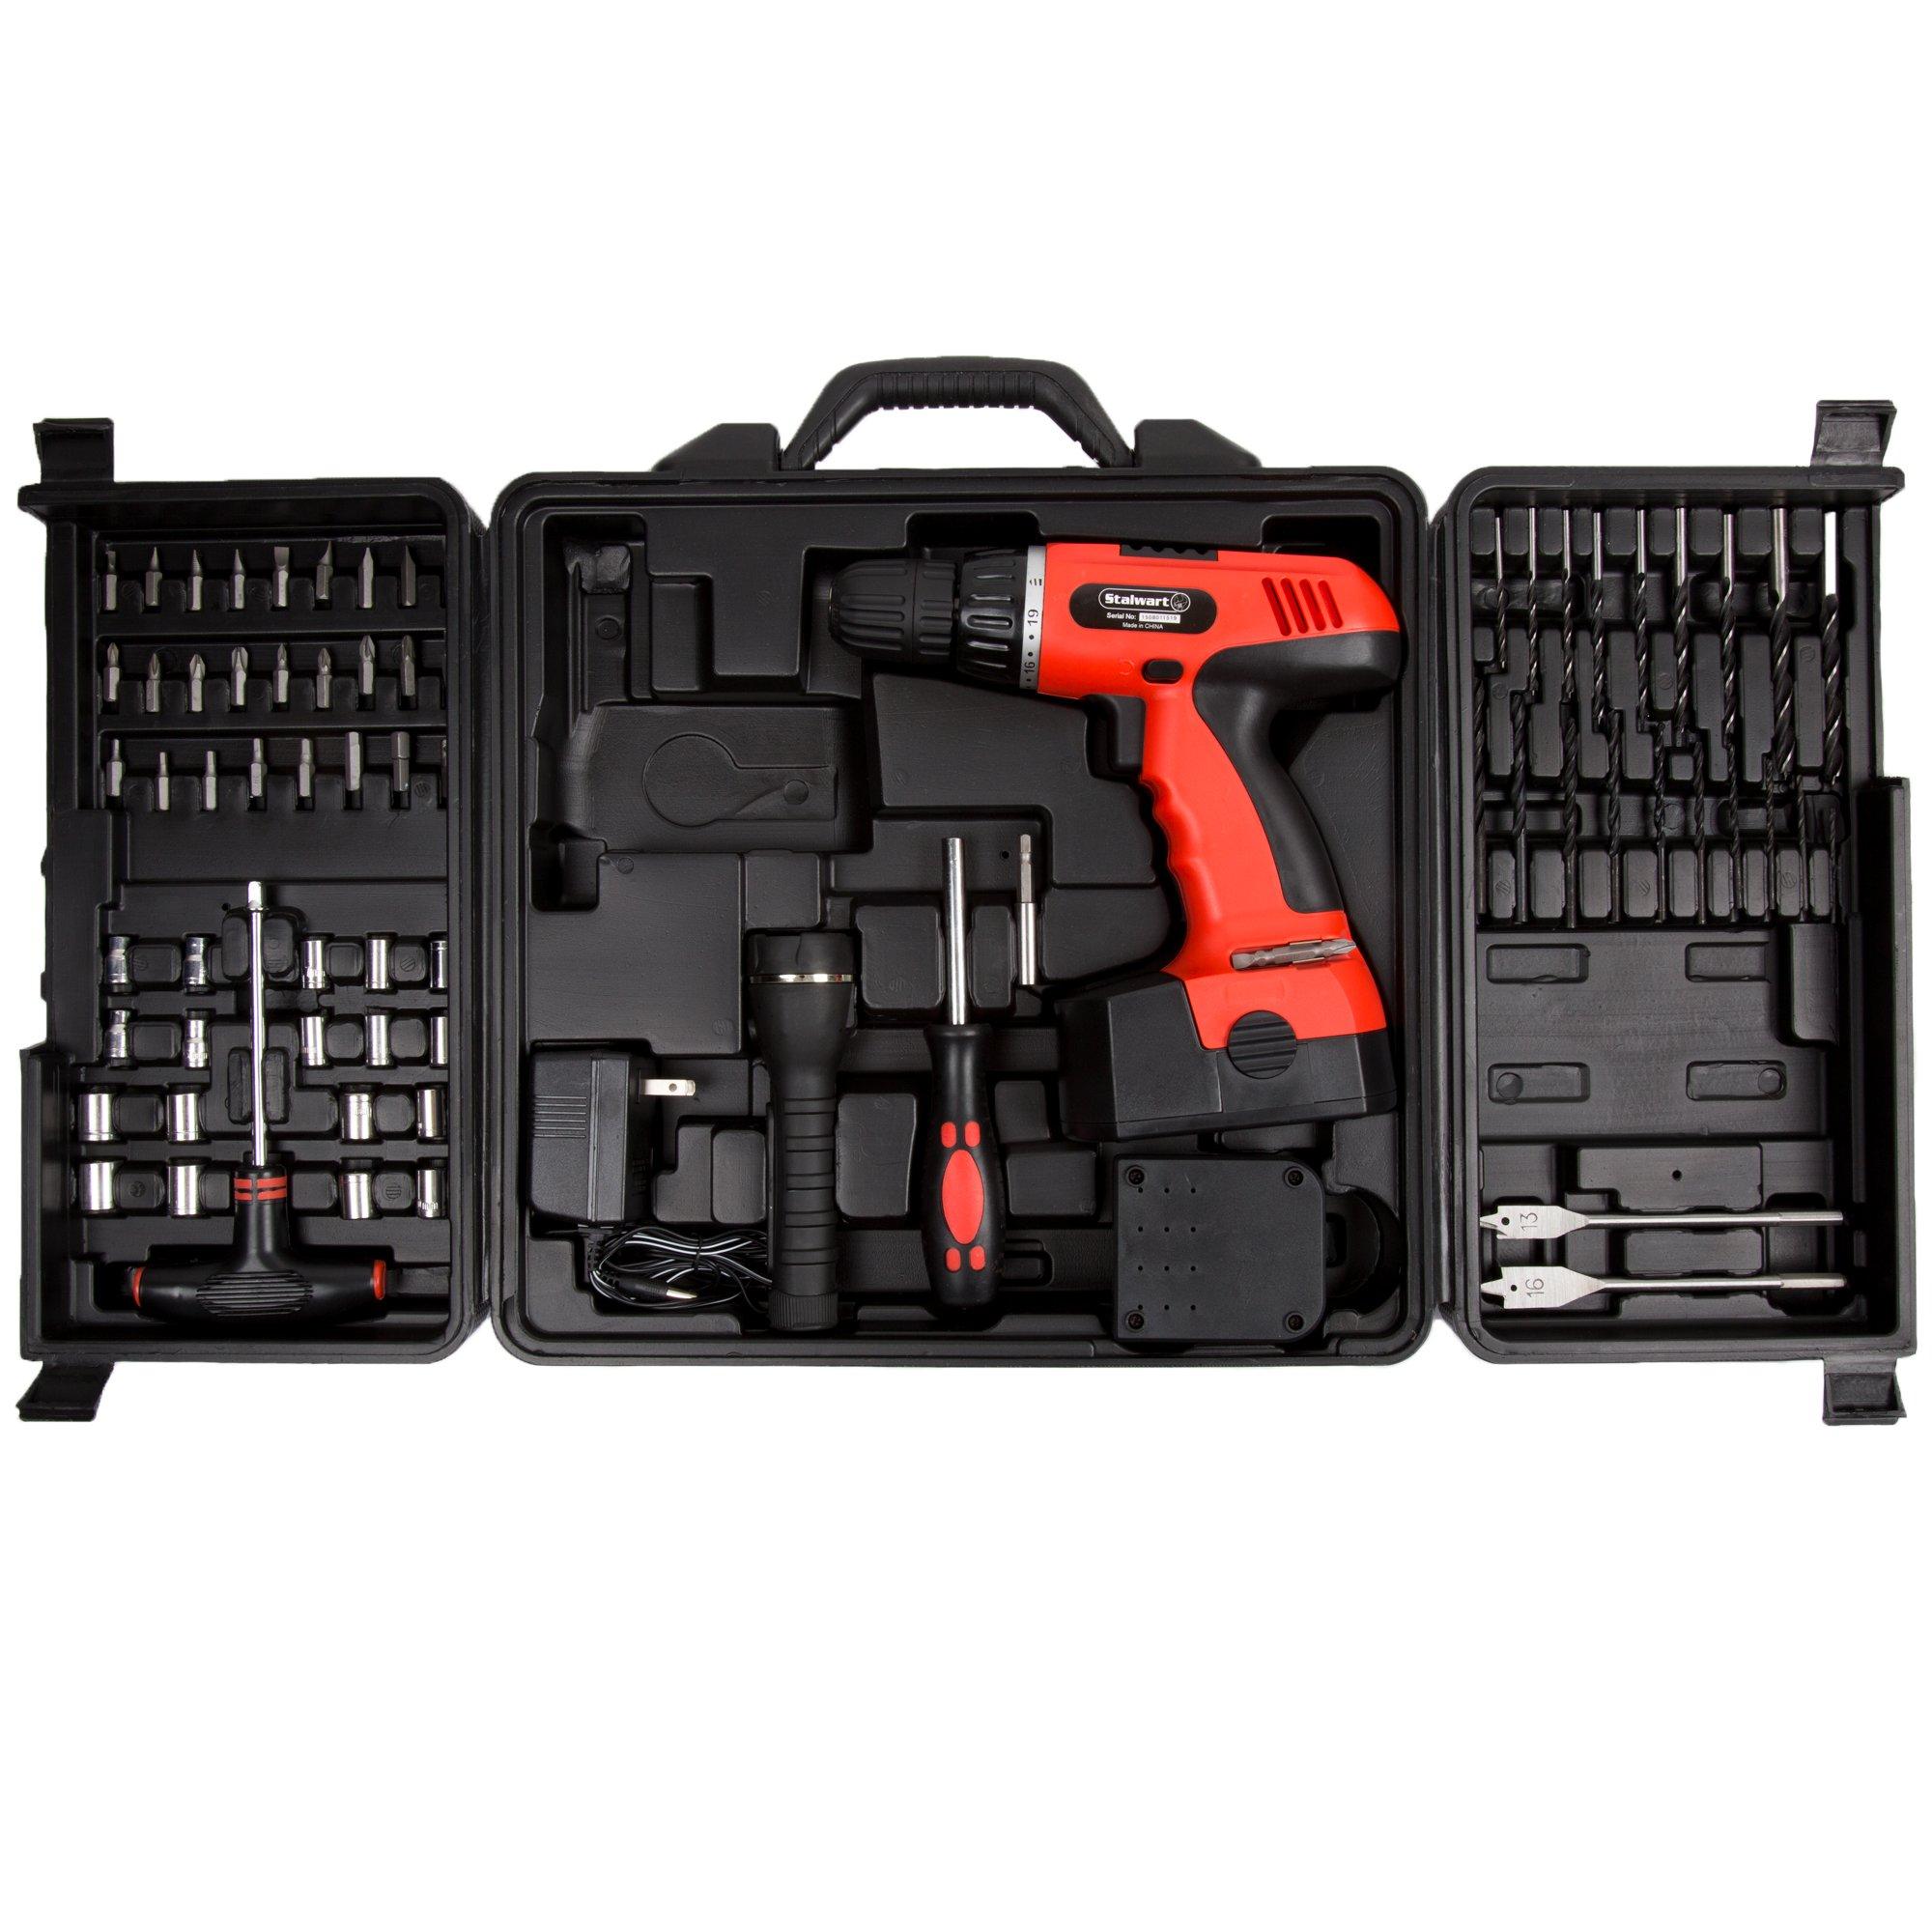 Markenzeichen-Tools-7566007-Hawk-78-pc-18-Volt-Akkuschrauber-Set